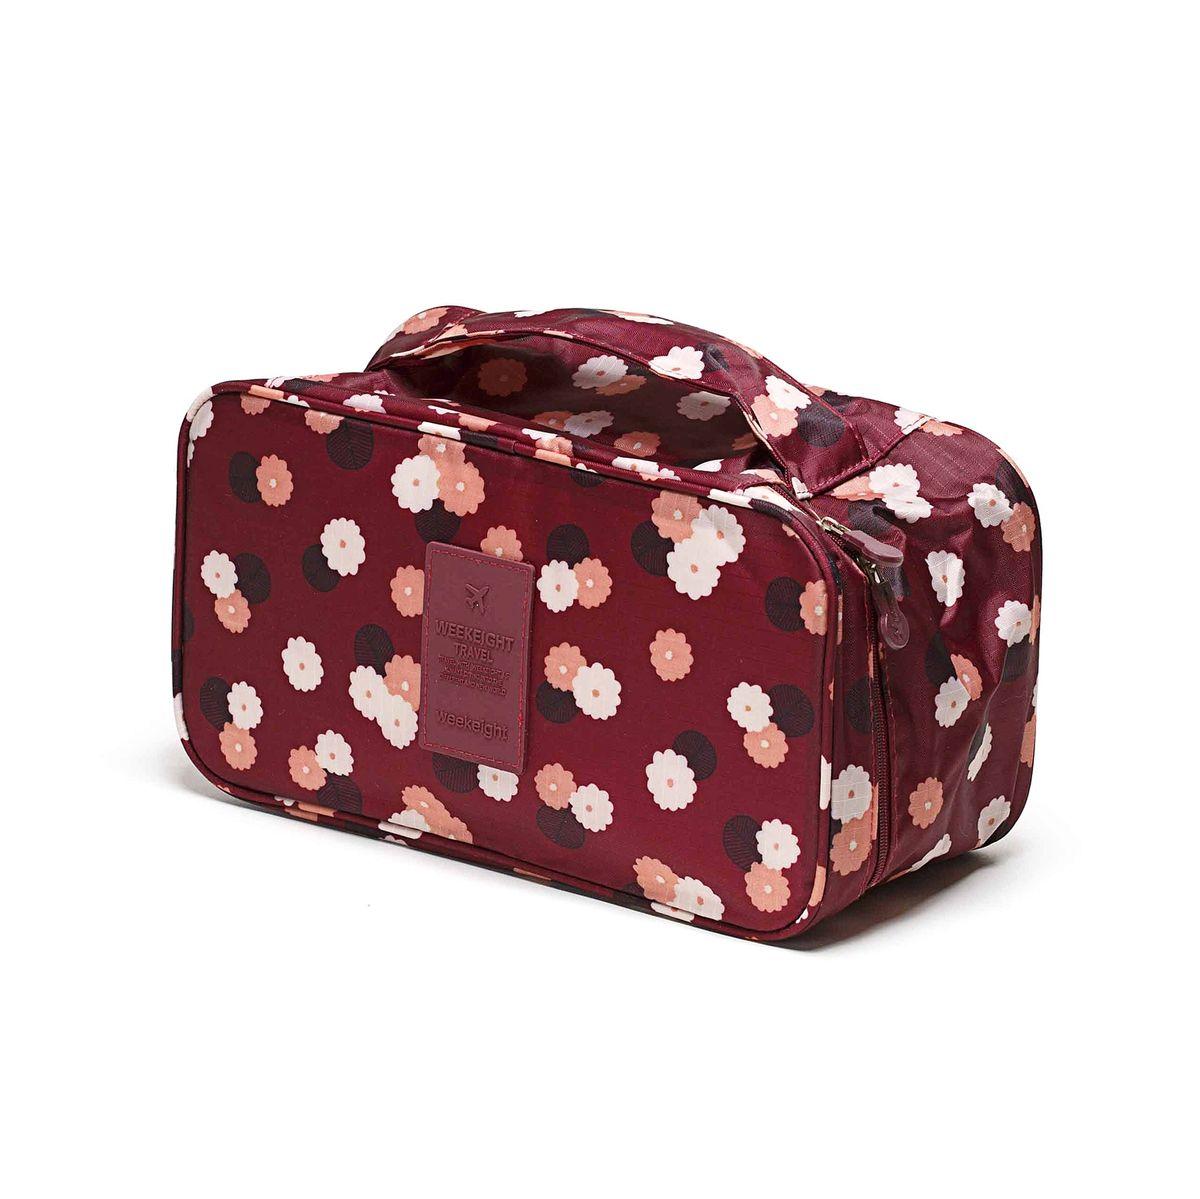 Косметичка-органайзер Homsu Цветок, цвет: бордовый, белый, розовый, 28 x 13 x 15 смTD 0033Косметичка-органайзер Homsu Цветок выполнена из высококачественного полиэстера. Закрывается изделие на застежку-молнию. Внутри имеется 4 отделения для мелочей, а также дополнительная сумочка размером 22 х 14 см, которая крепится к косметичке посредством липучки и надежно защищает ваши вещи за счет удобной молнии. Теперь вы сможете всегда брать с собой все, что вам может понадобиться. Сверху органайзера имеется ручка для удобной переноски. Косметичка-органайзер Homsu Цветок станет незаменимым аксессуаром для любой девушки.Размер косметички: 28 х 13 х 15 см. Размер сумочки: 22 х 14 см.